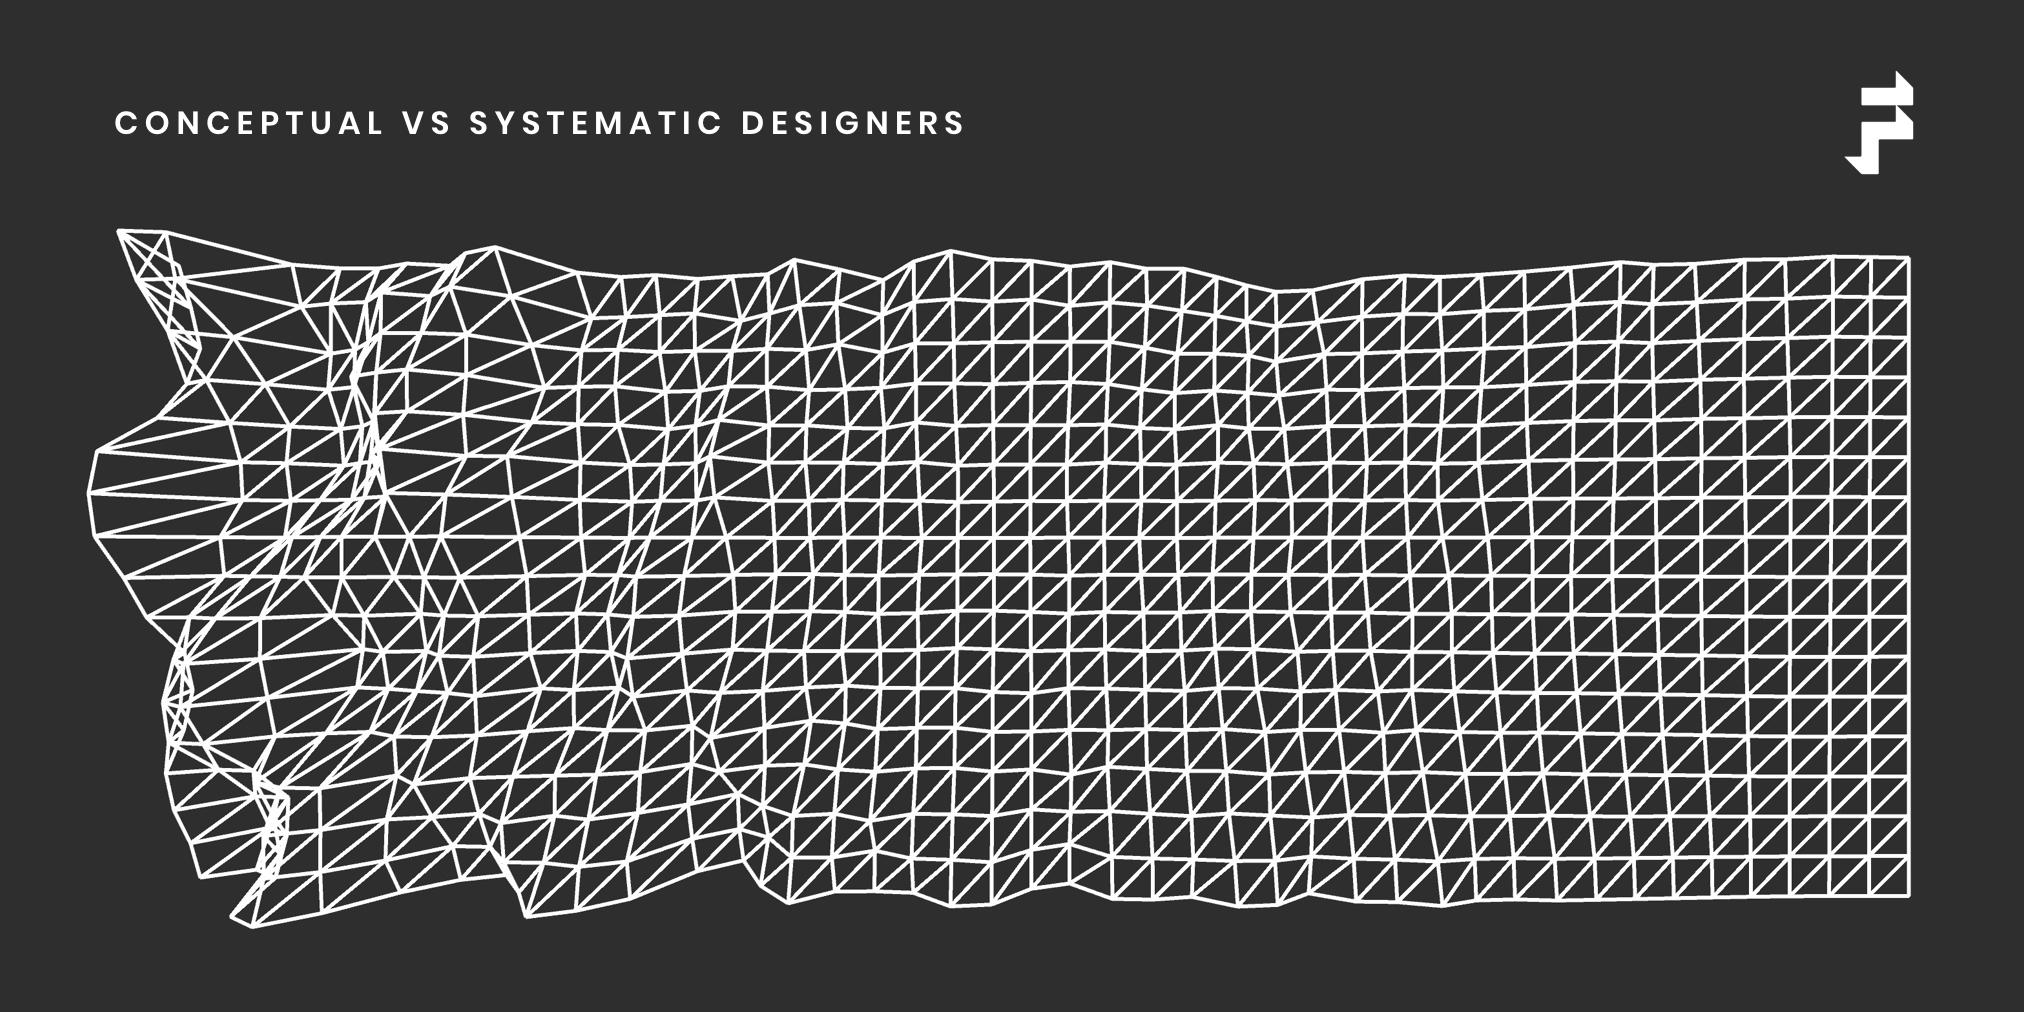 Conceptual vs systematic designers